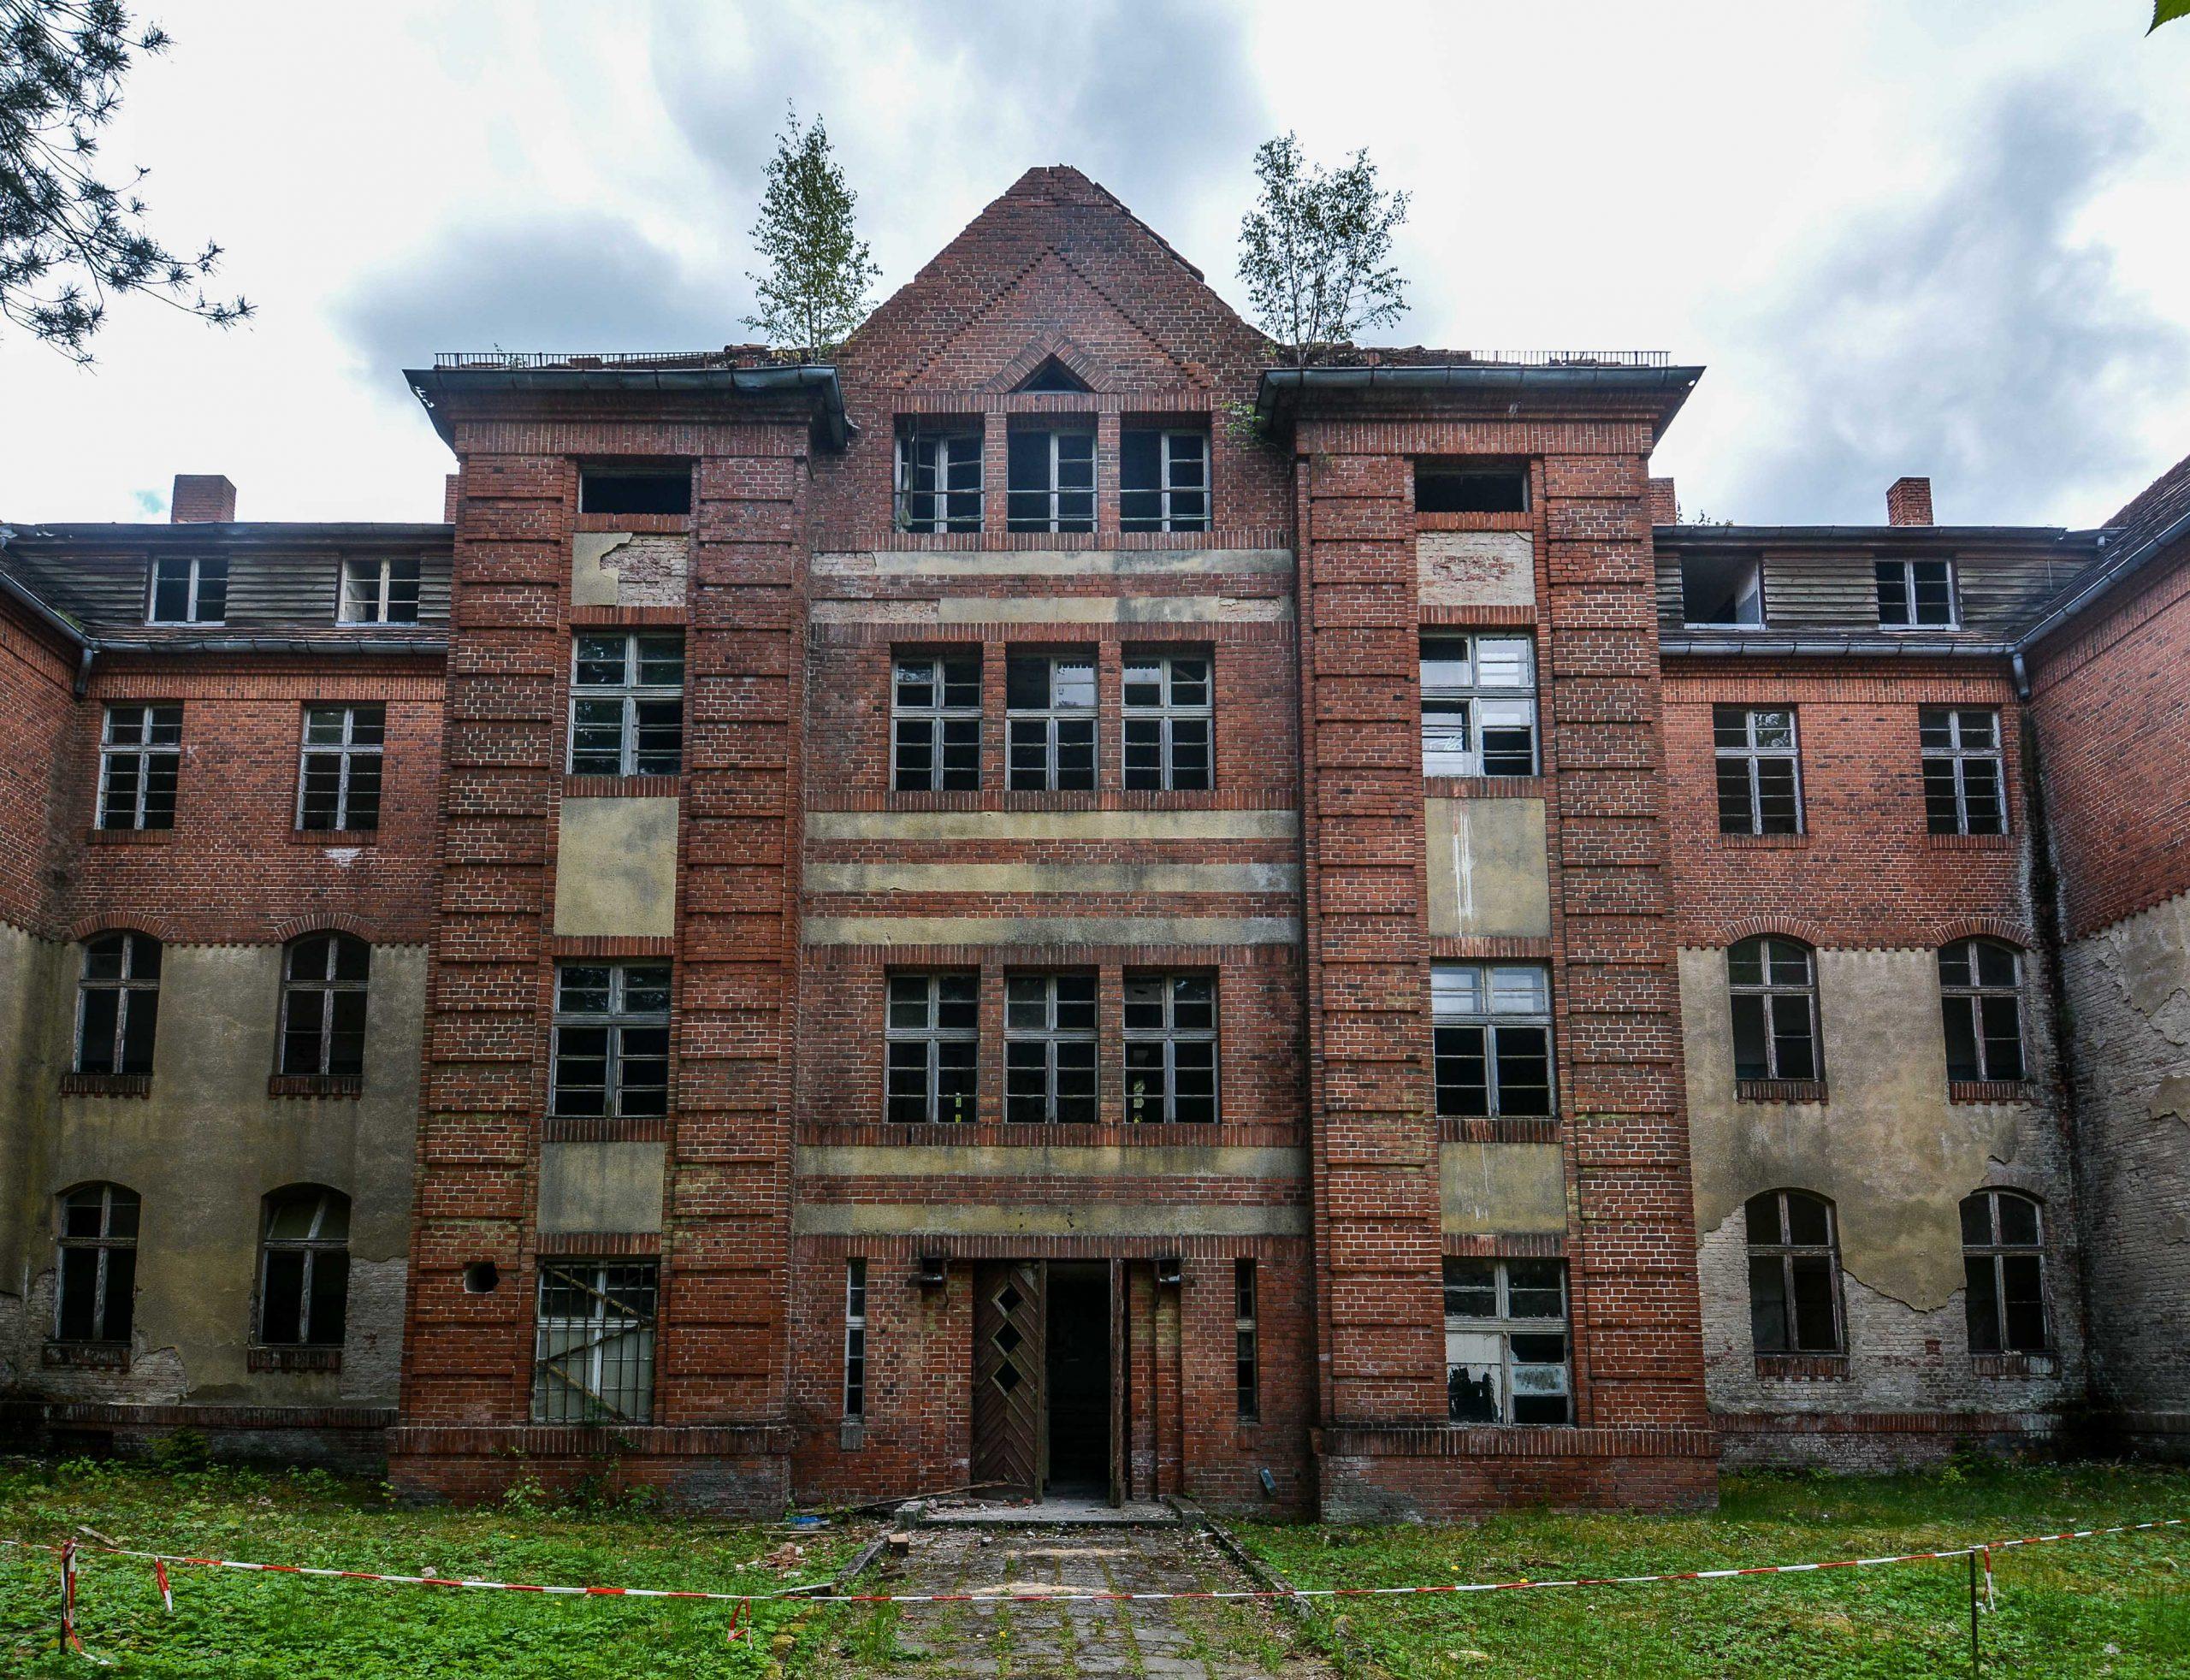 sanatorium wing entrance front view tuberkulose heilstaette grabowsee sanatorium hospital oranienburg lost places abandoned urbex brandenburg germany deutschland